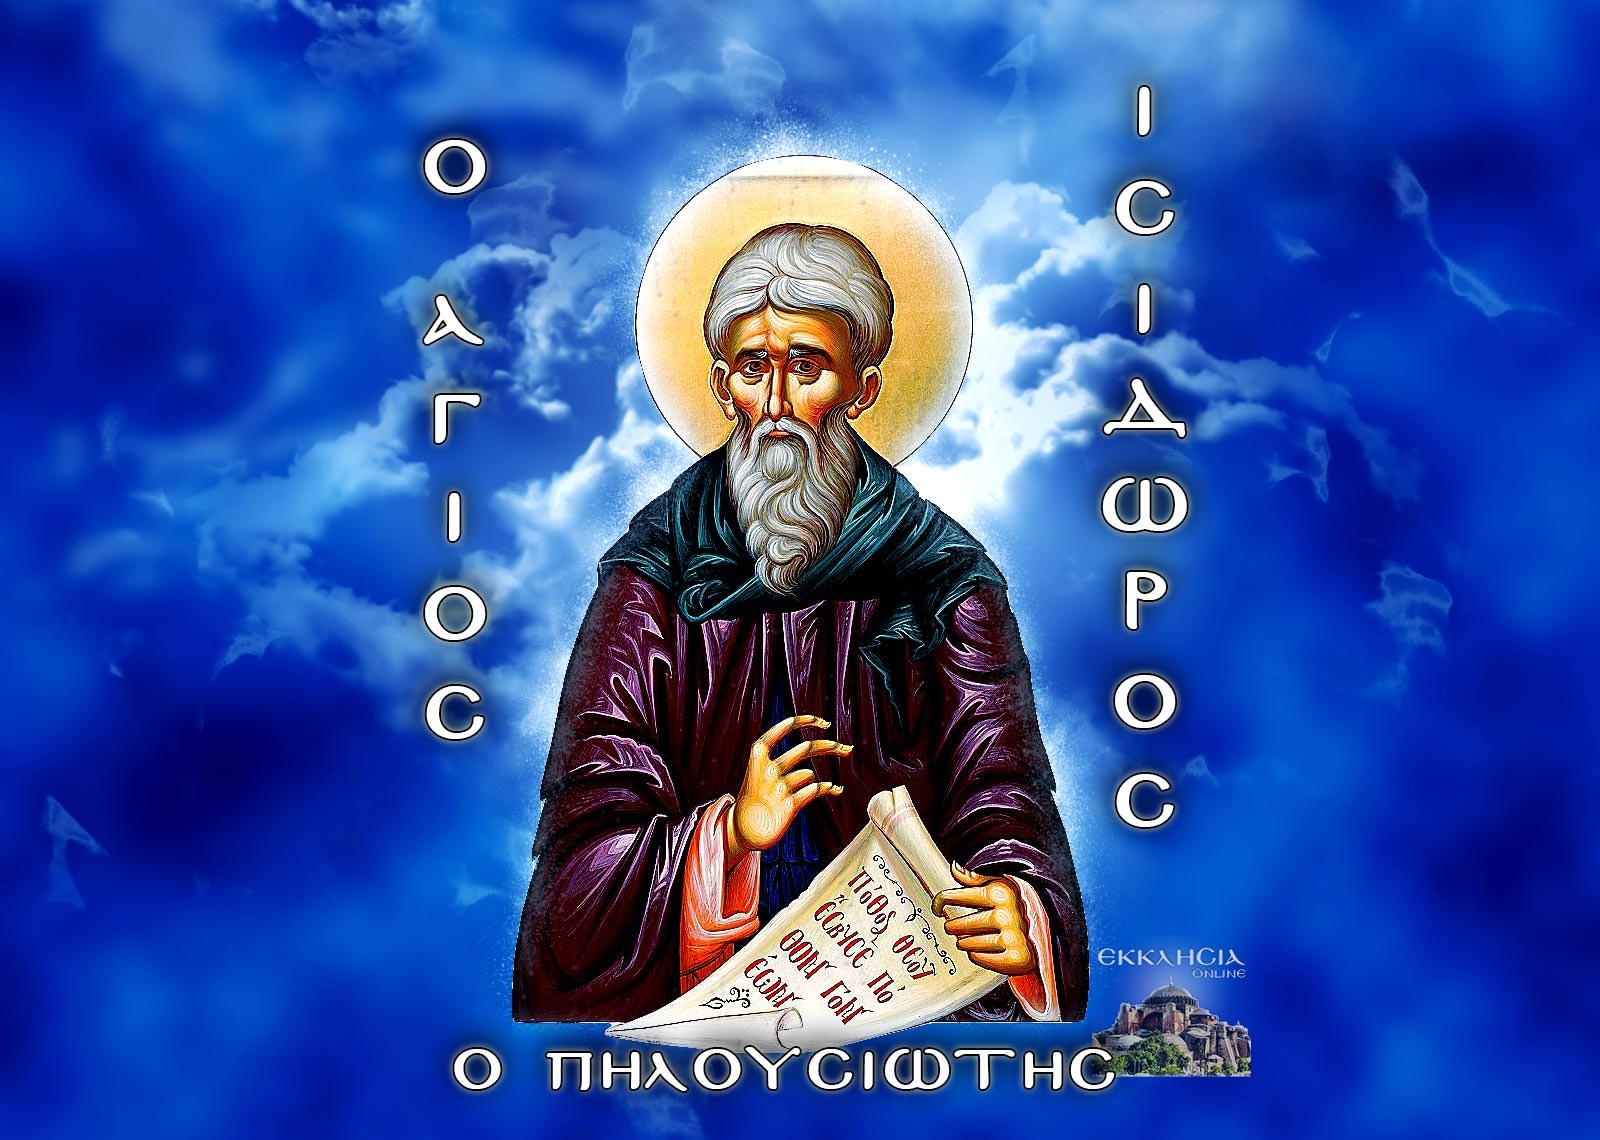 Όσιος Ισίδωρος ο Πηλουσιώτης 4 Φεβρουαρίου